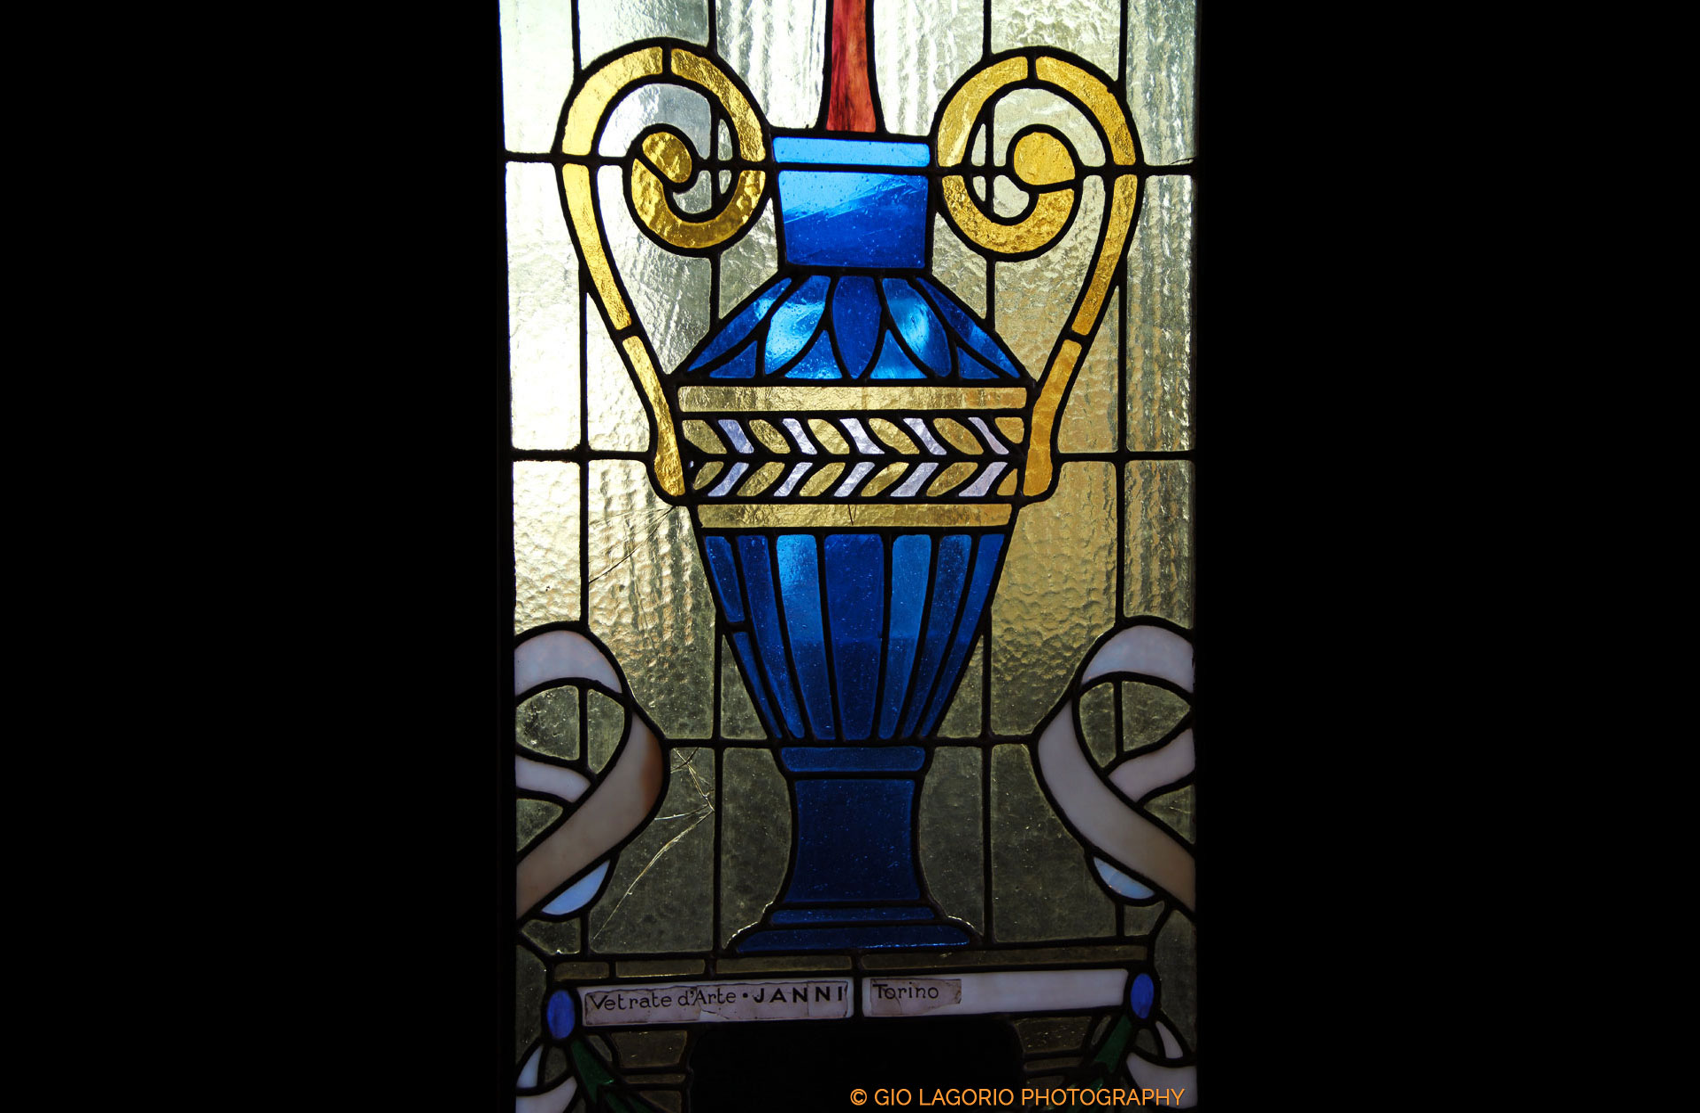 Dettaglio di una vetrata originale esposta nella villa